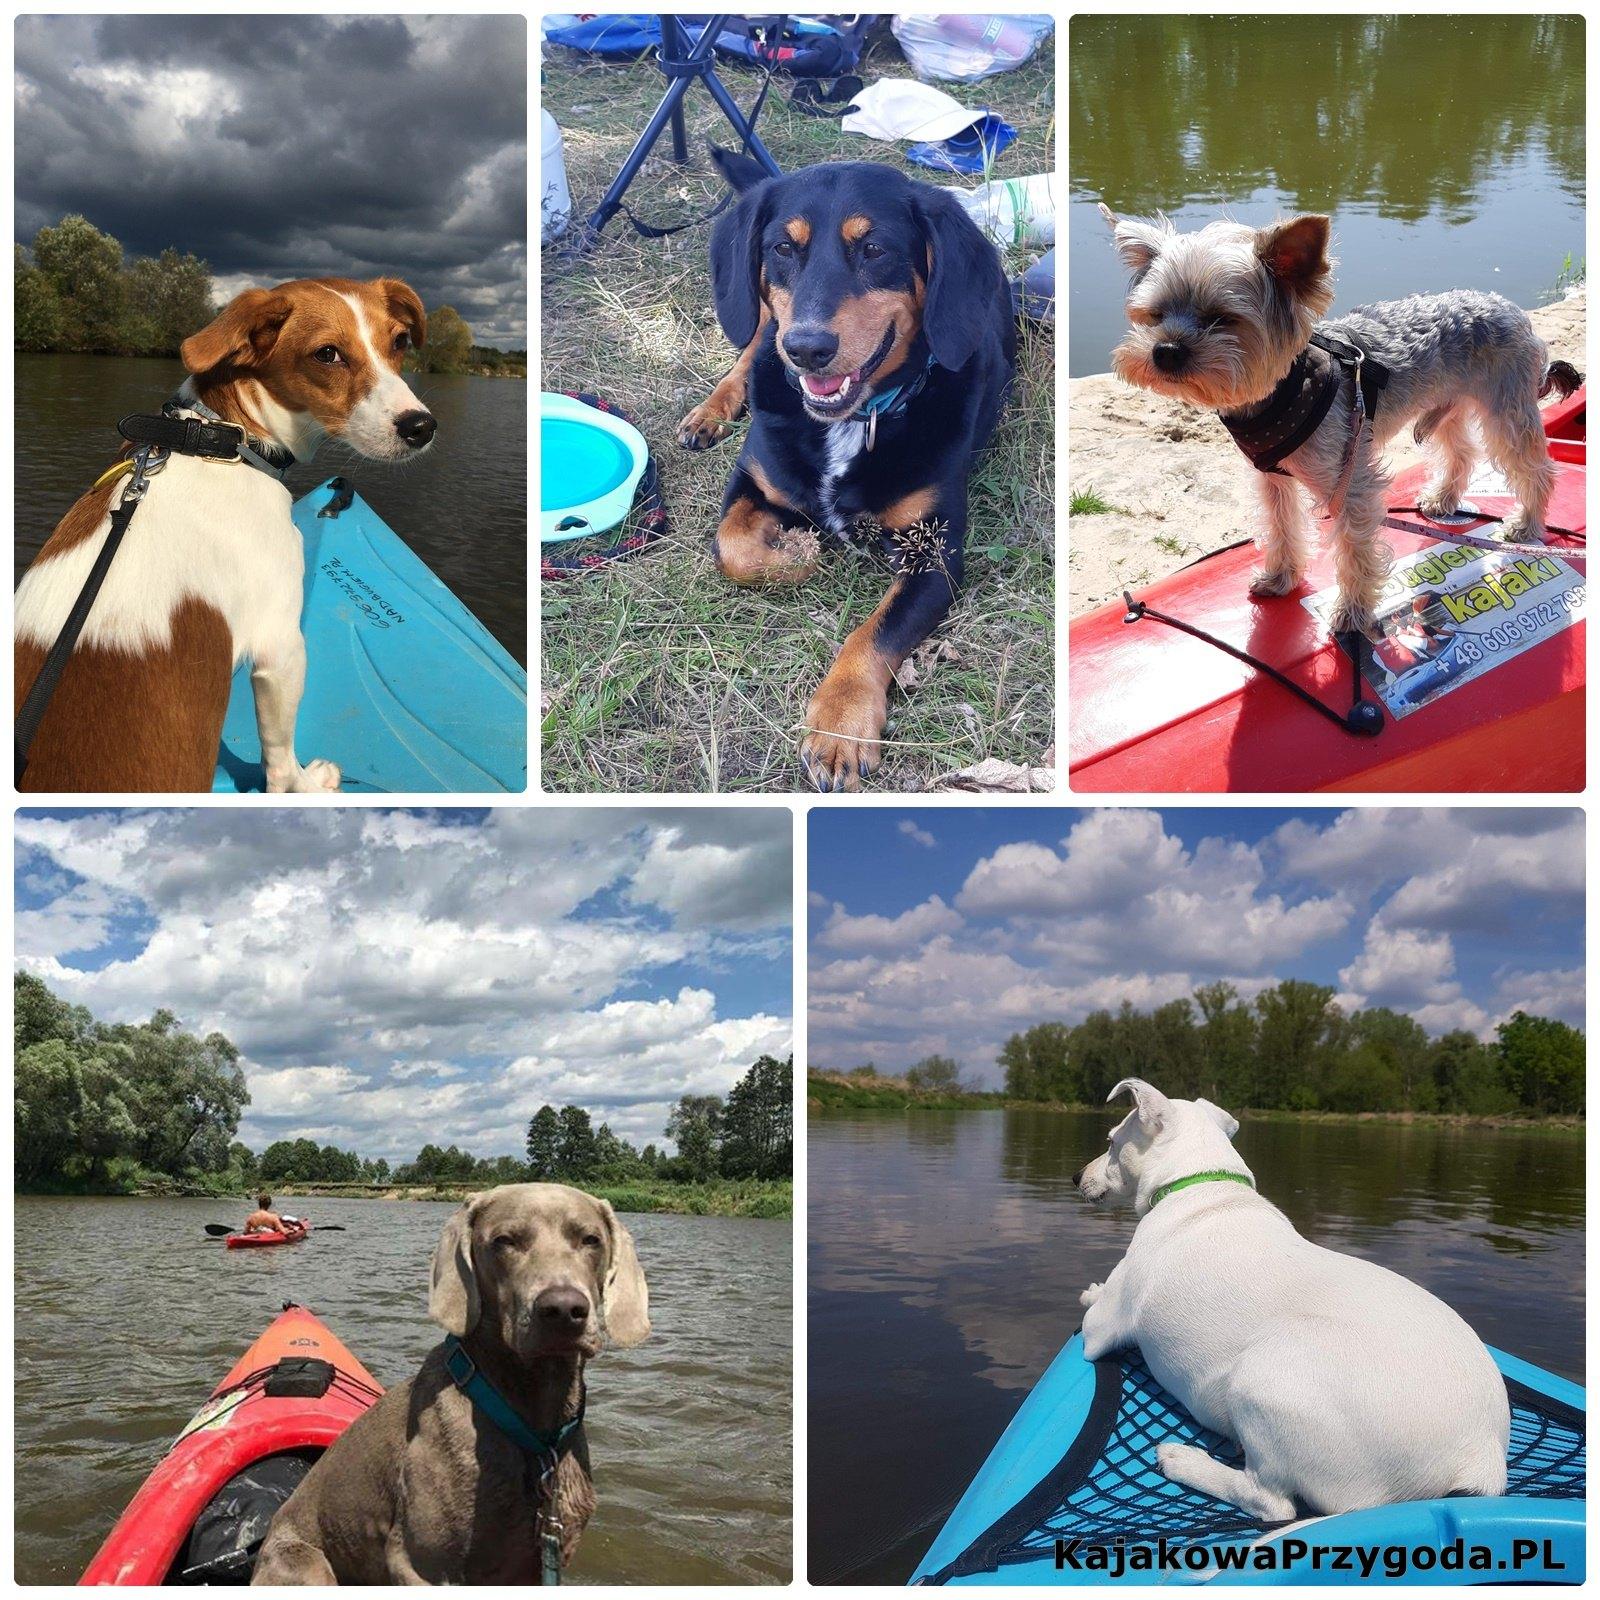 pies w kajaku, psia przygoda nad rzeką, psy w kajaku